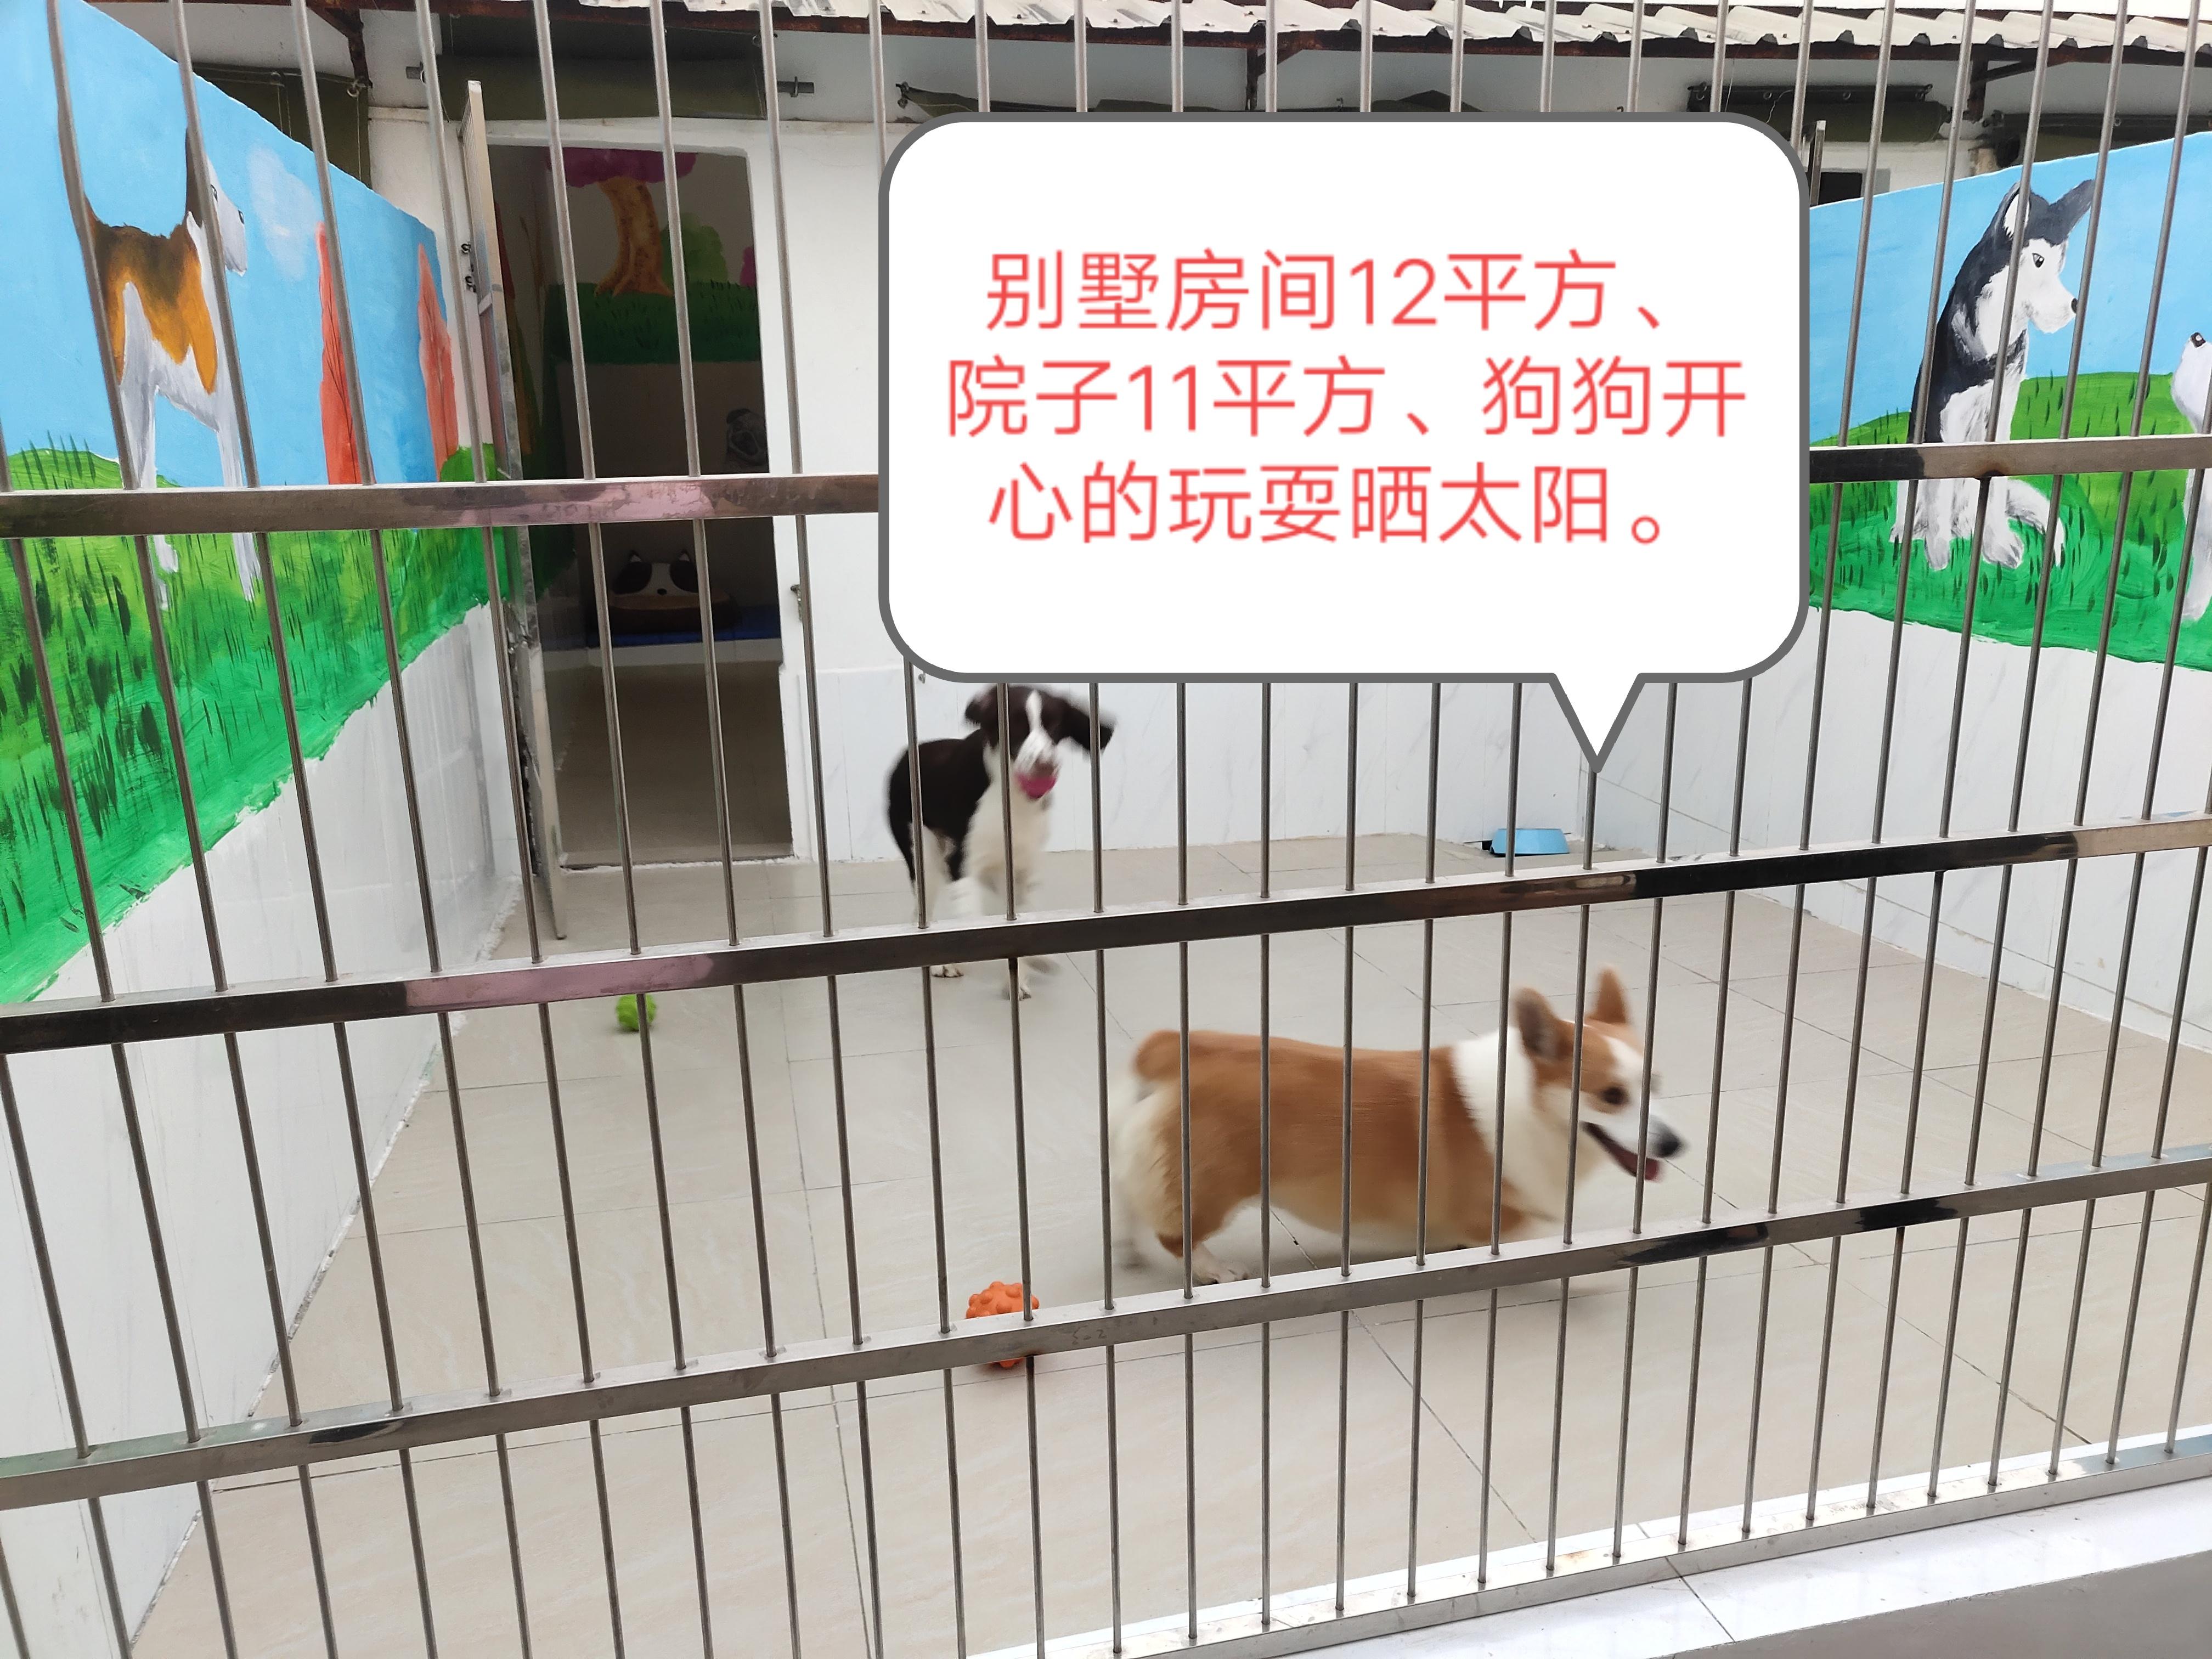 广东信誉好的惠州宠物培训公司_鸿威犬舍_宠物培训学校价格